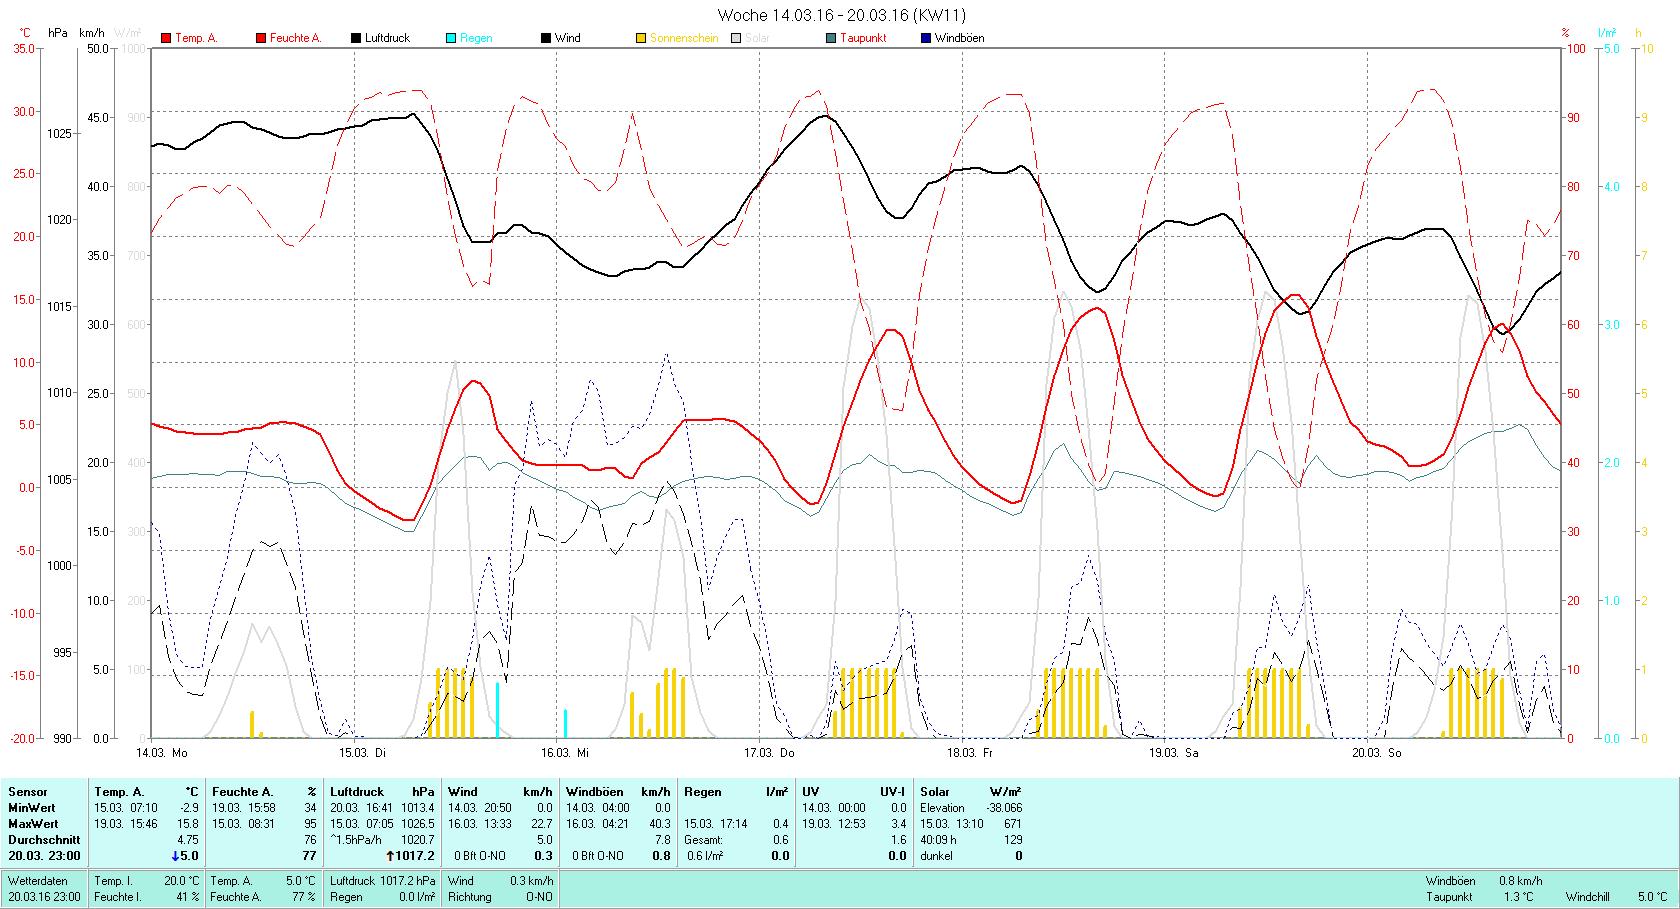 KW 11 Tmin -2.9°C, Tmax 15.8°C, Sonne 40:09h, Niederschlag 0.6mm/2